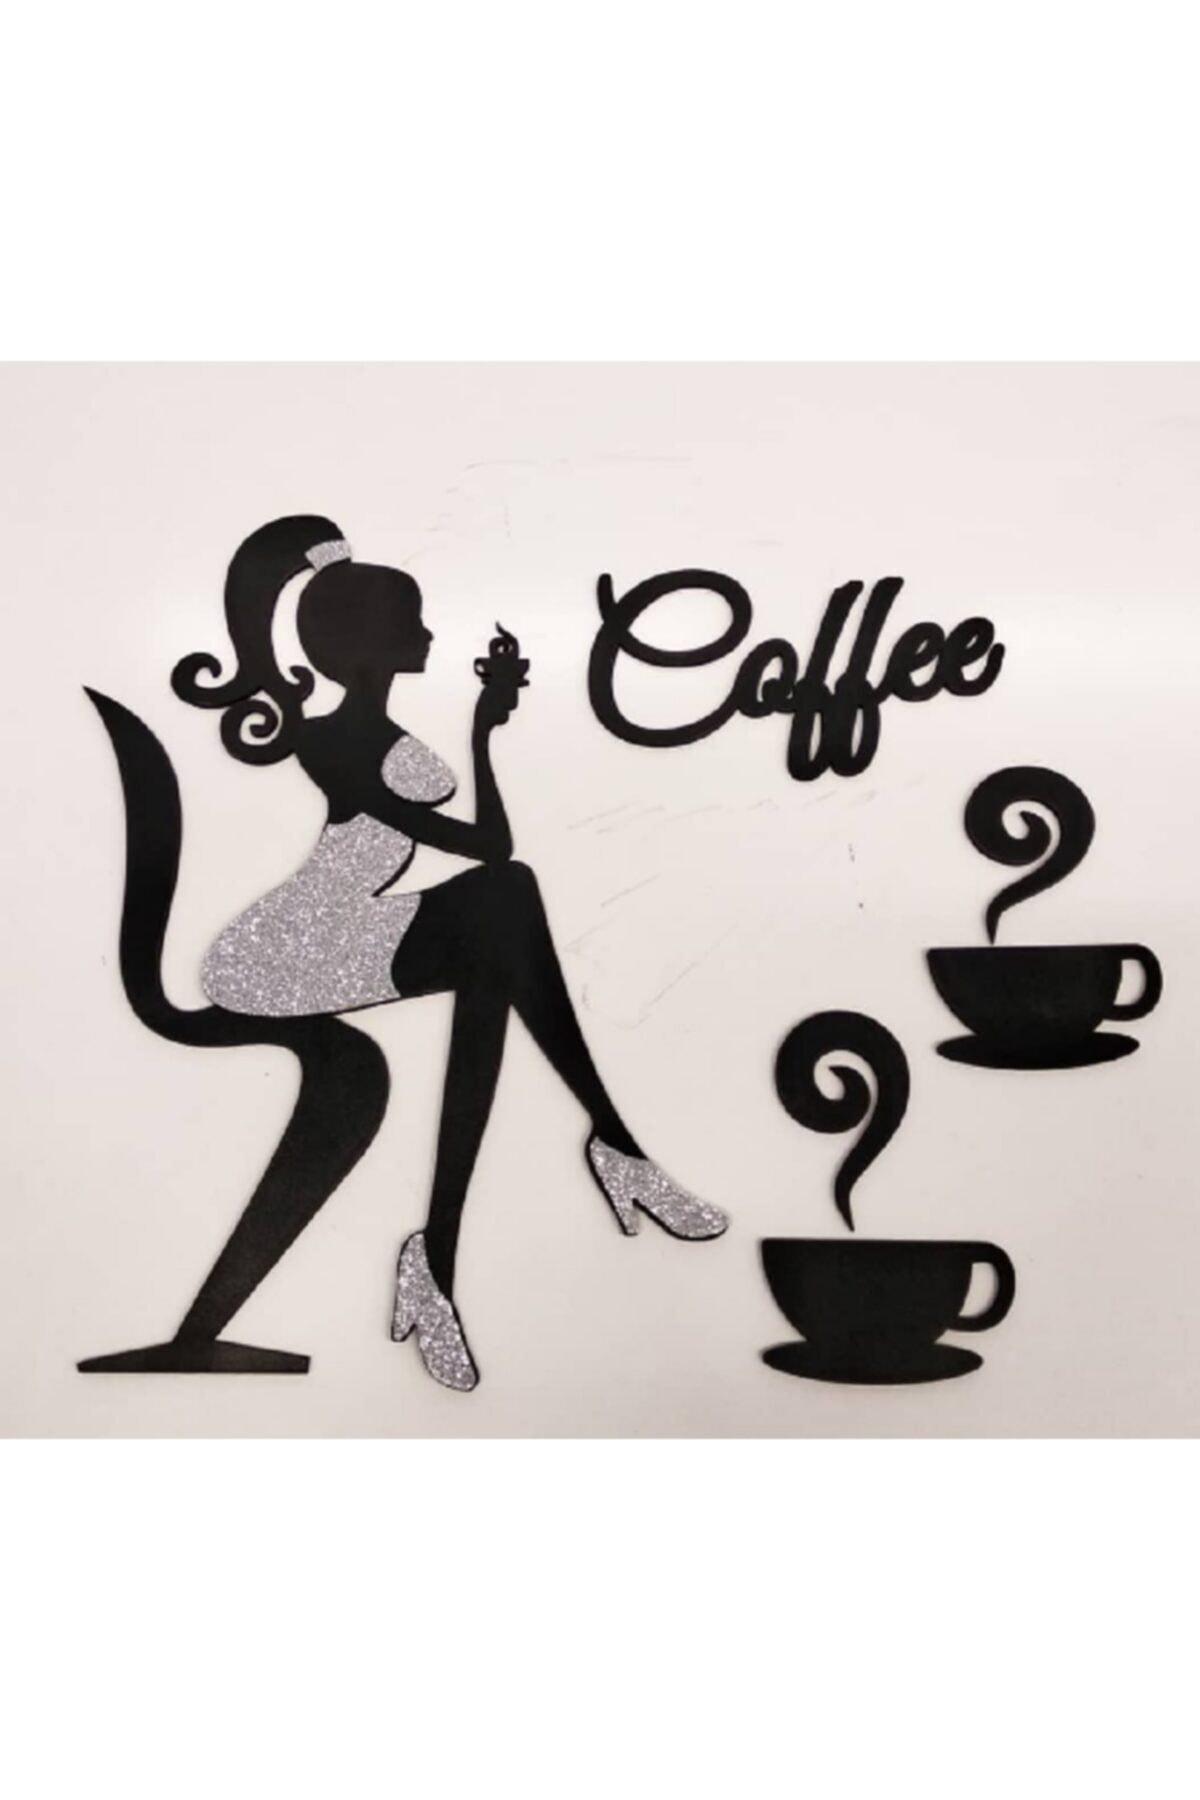 Simli Kız Silüeti Kahve Yazısı Mutfak Duvar Dekoru